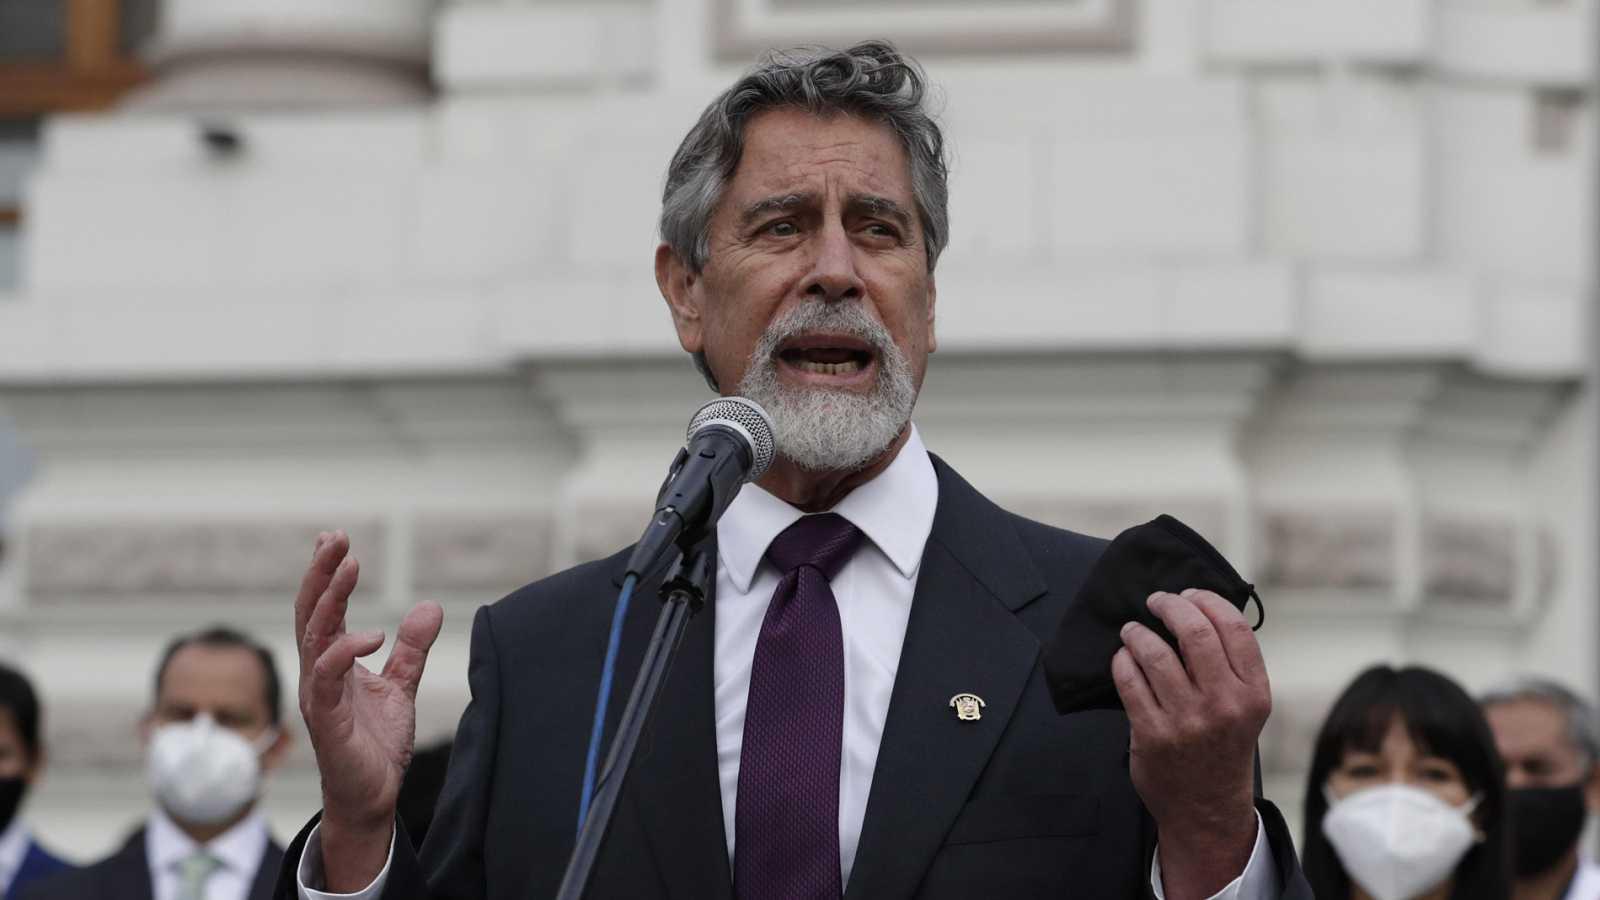 Hora América - Incertidumbre en Perú por la crisis política y social - 16/11/20 - escuchar ahora